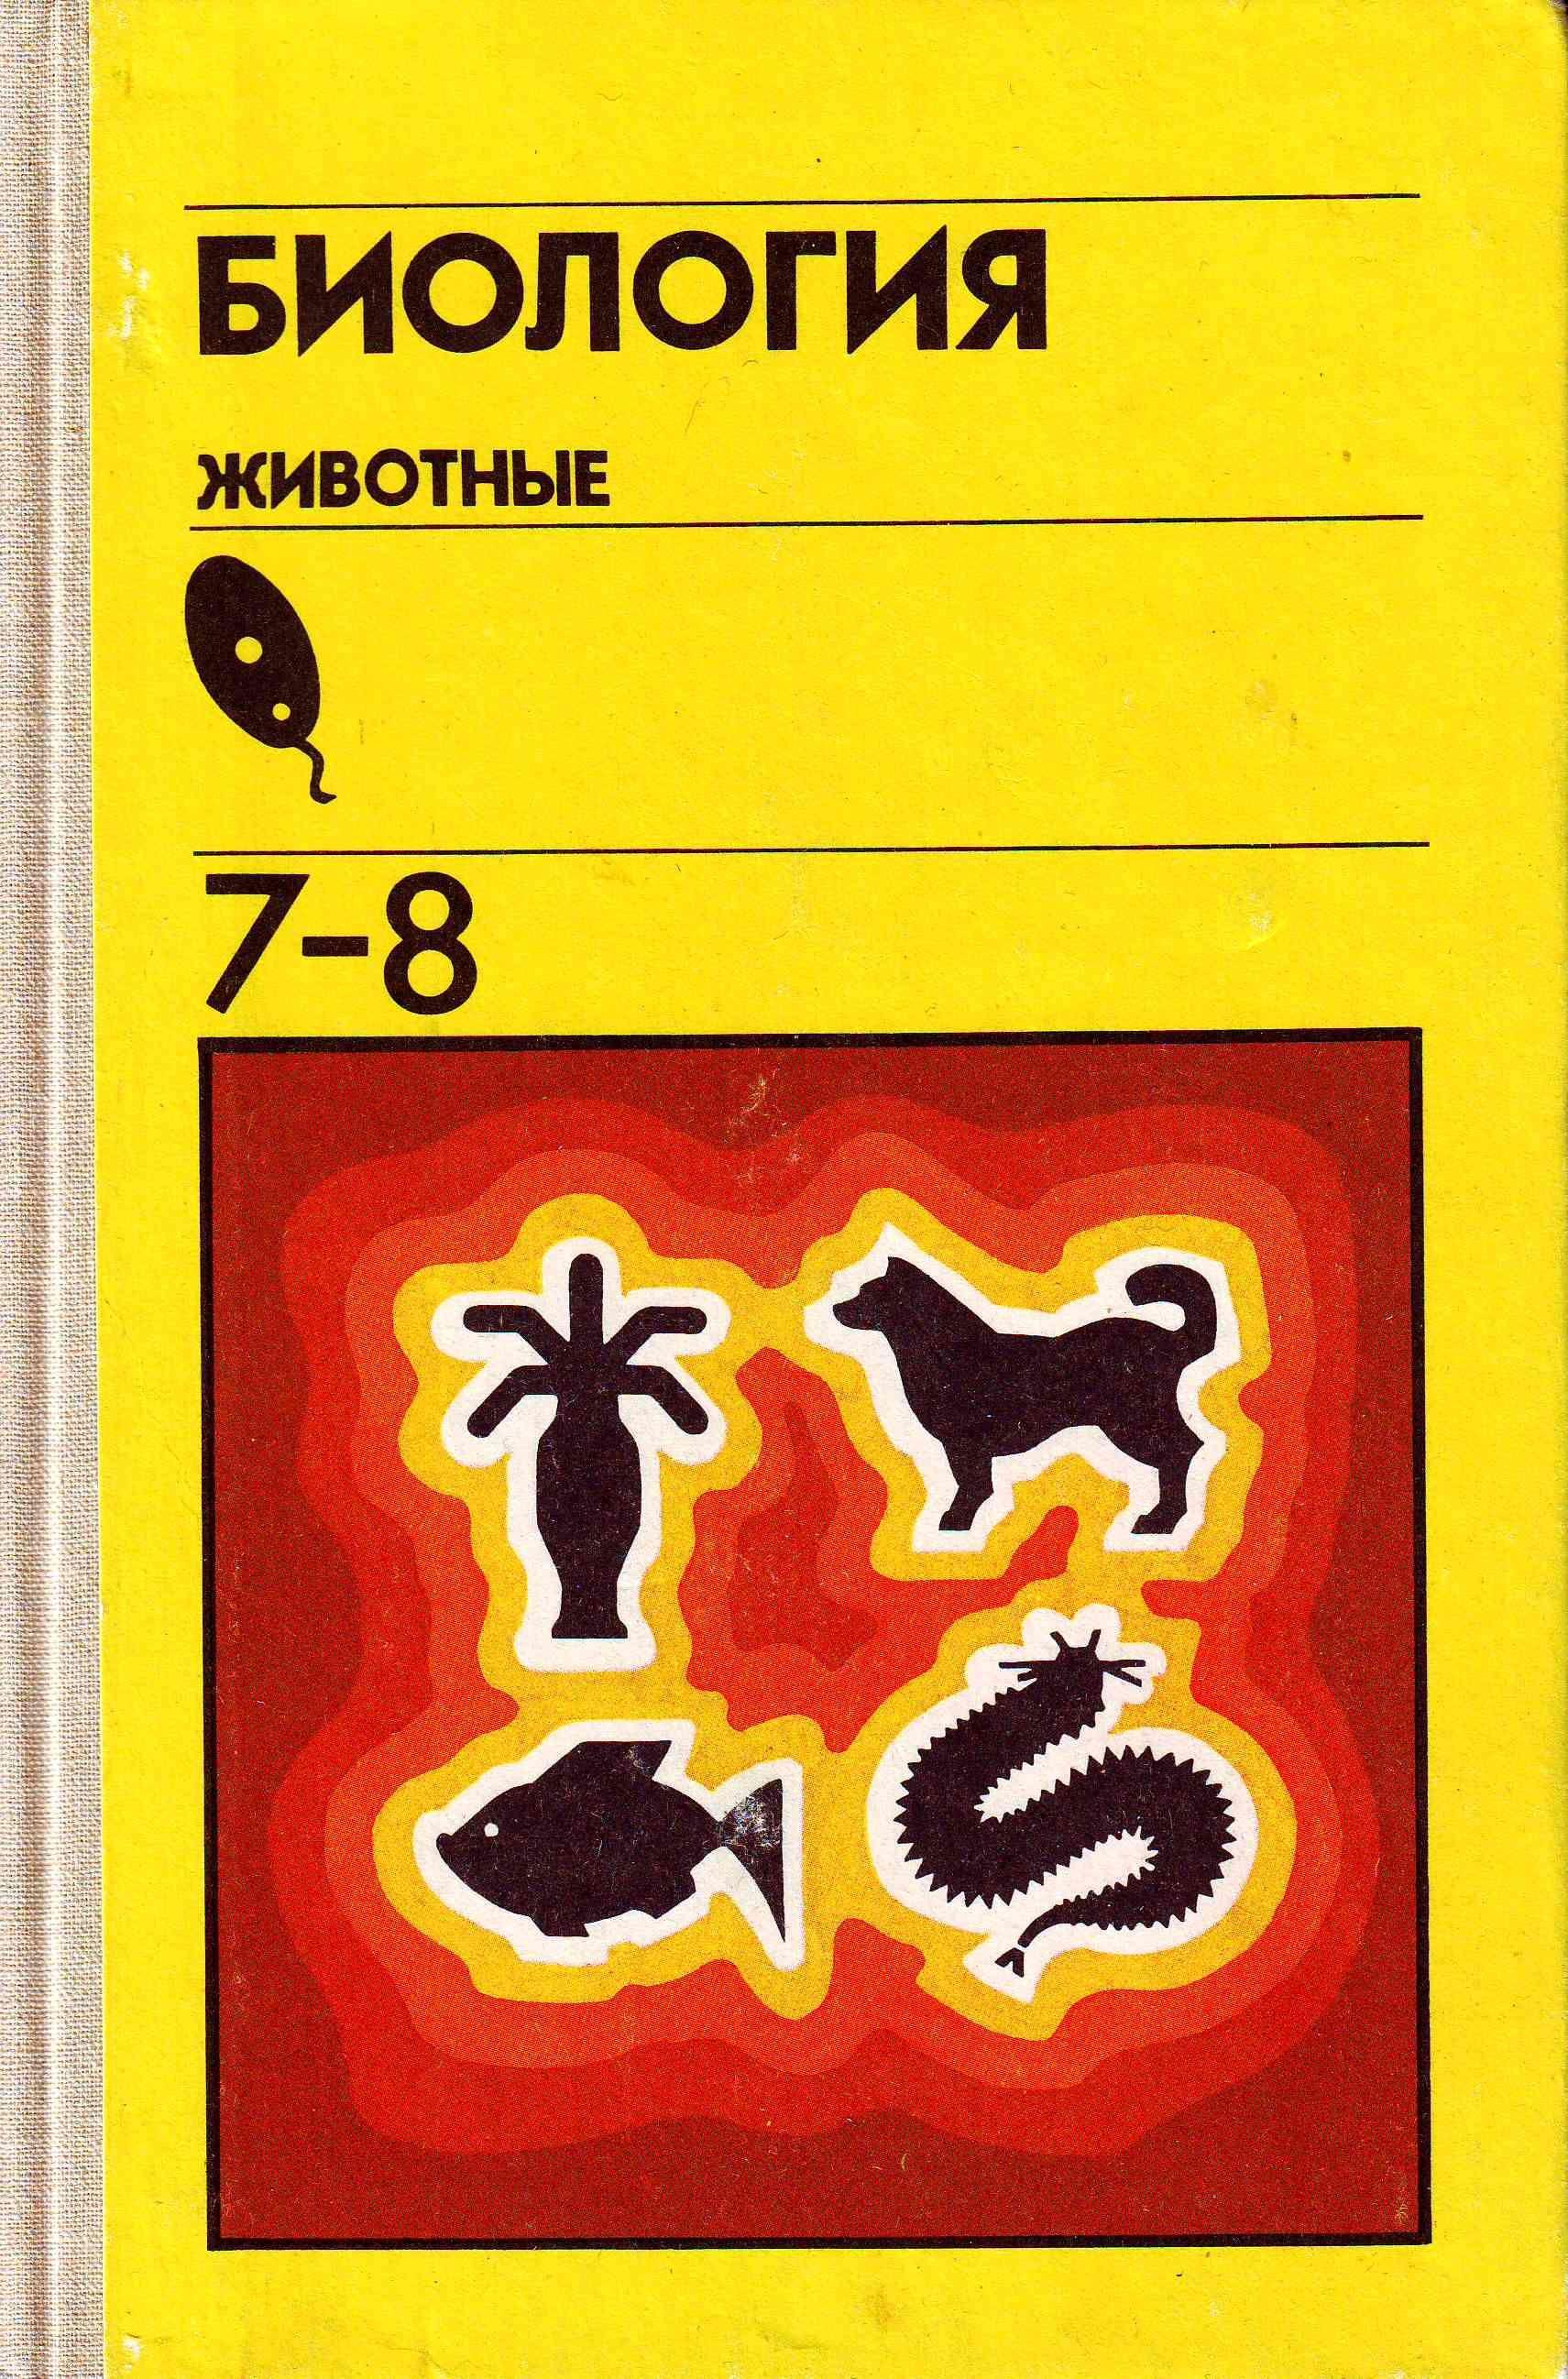 Учебник по биологии 7 класс rjpkjdf